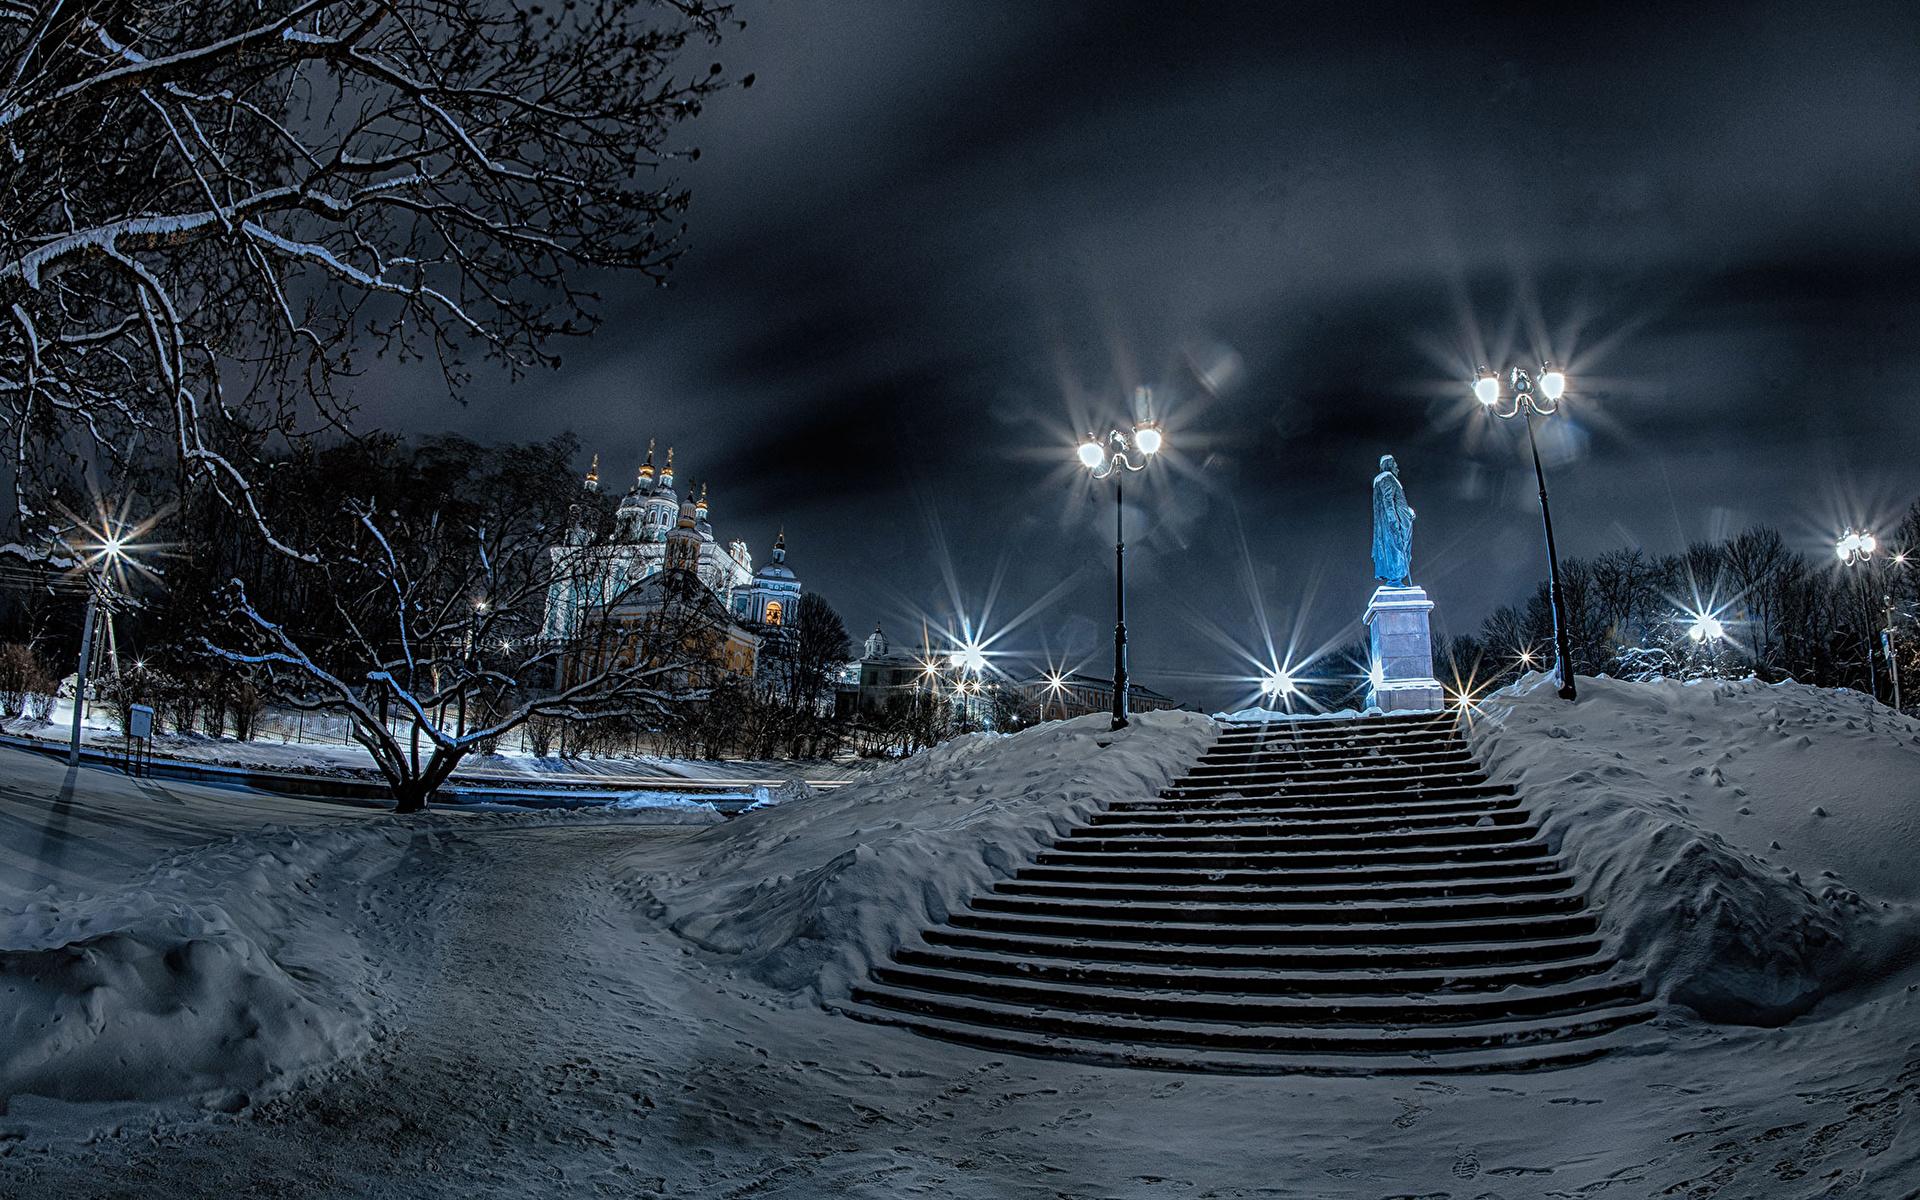 Картинка Россия Памятники Smolensk Зима лестницы снеге храм ночью Уличные фонари город 1920x1200 зимние Лестница Снег снега снегу Ночь Храмы в ночи Ночные Города